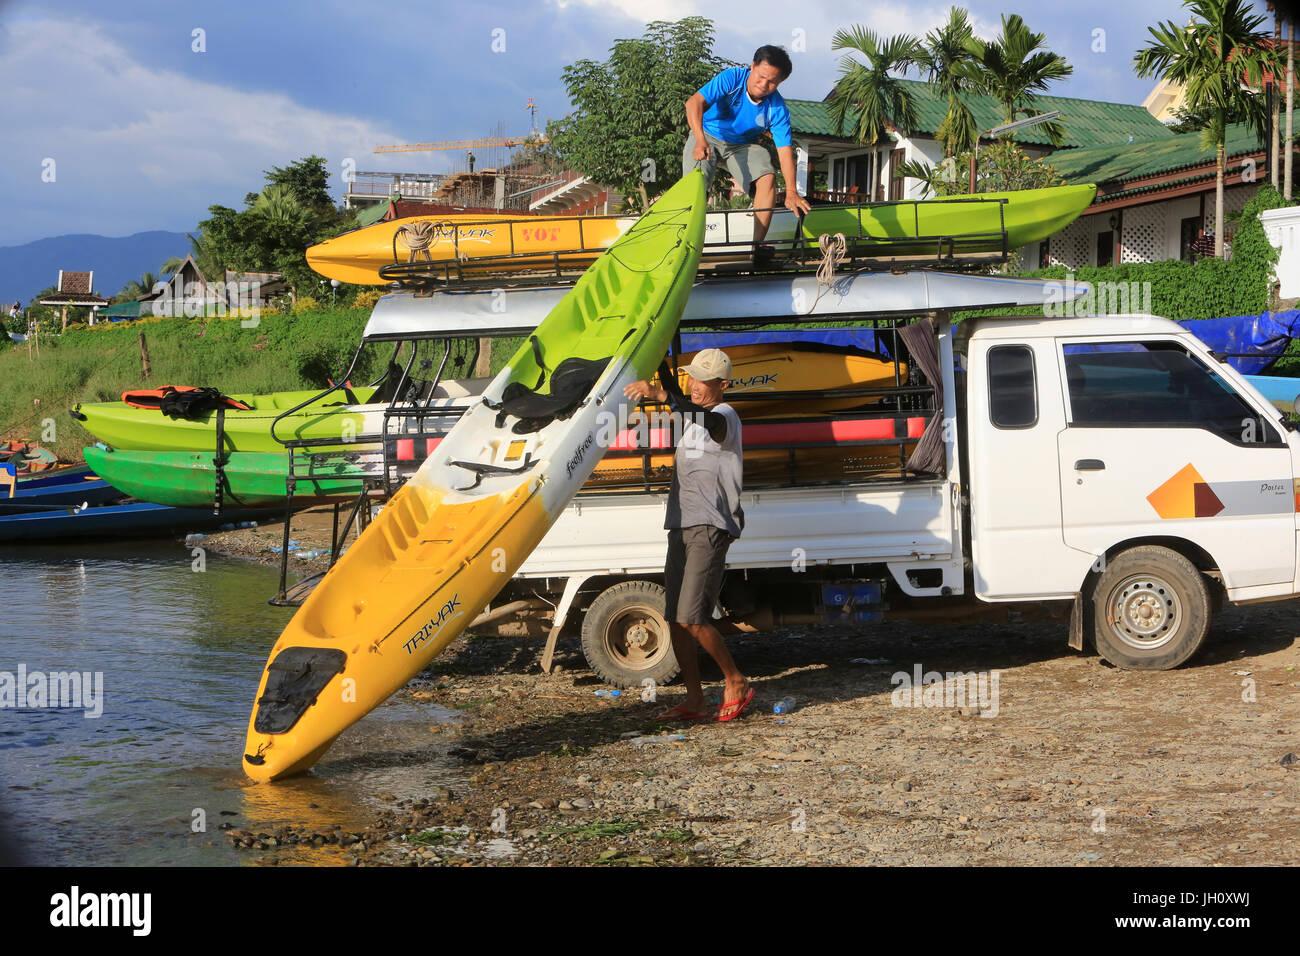 Canoa carichi su un furgone. Laos. Immagini Stock